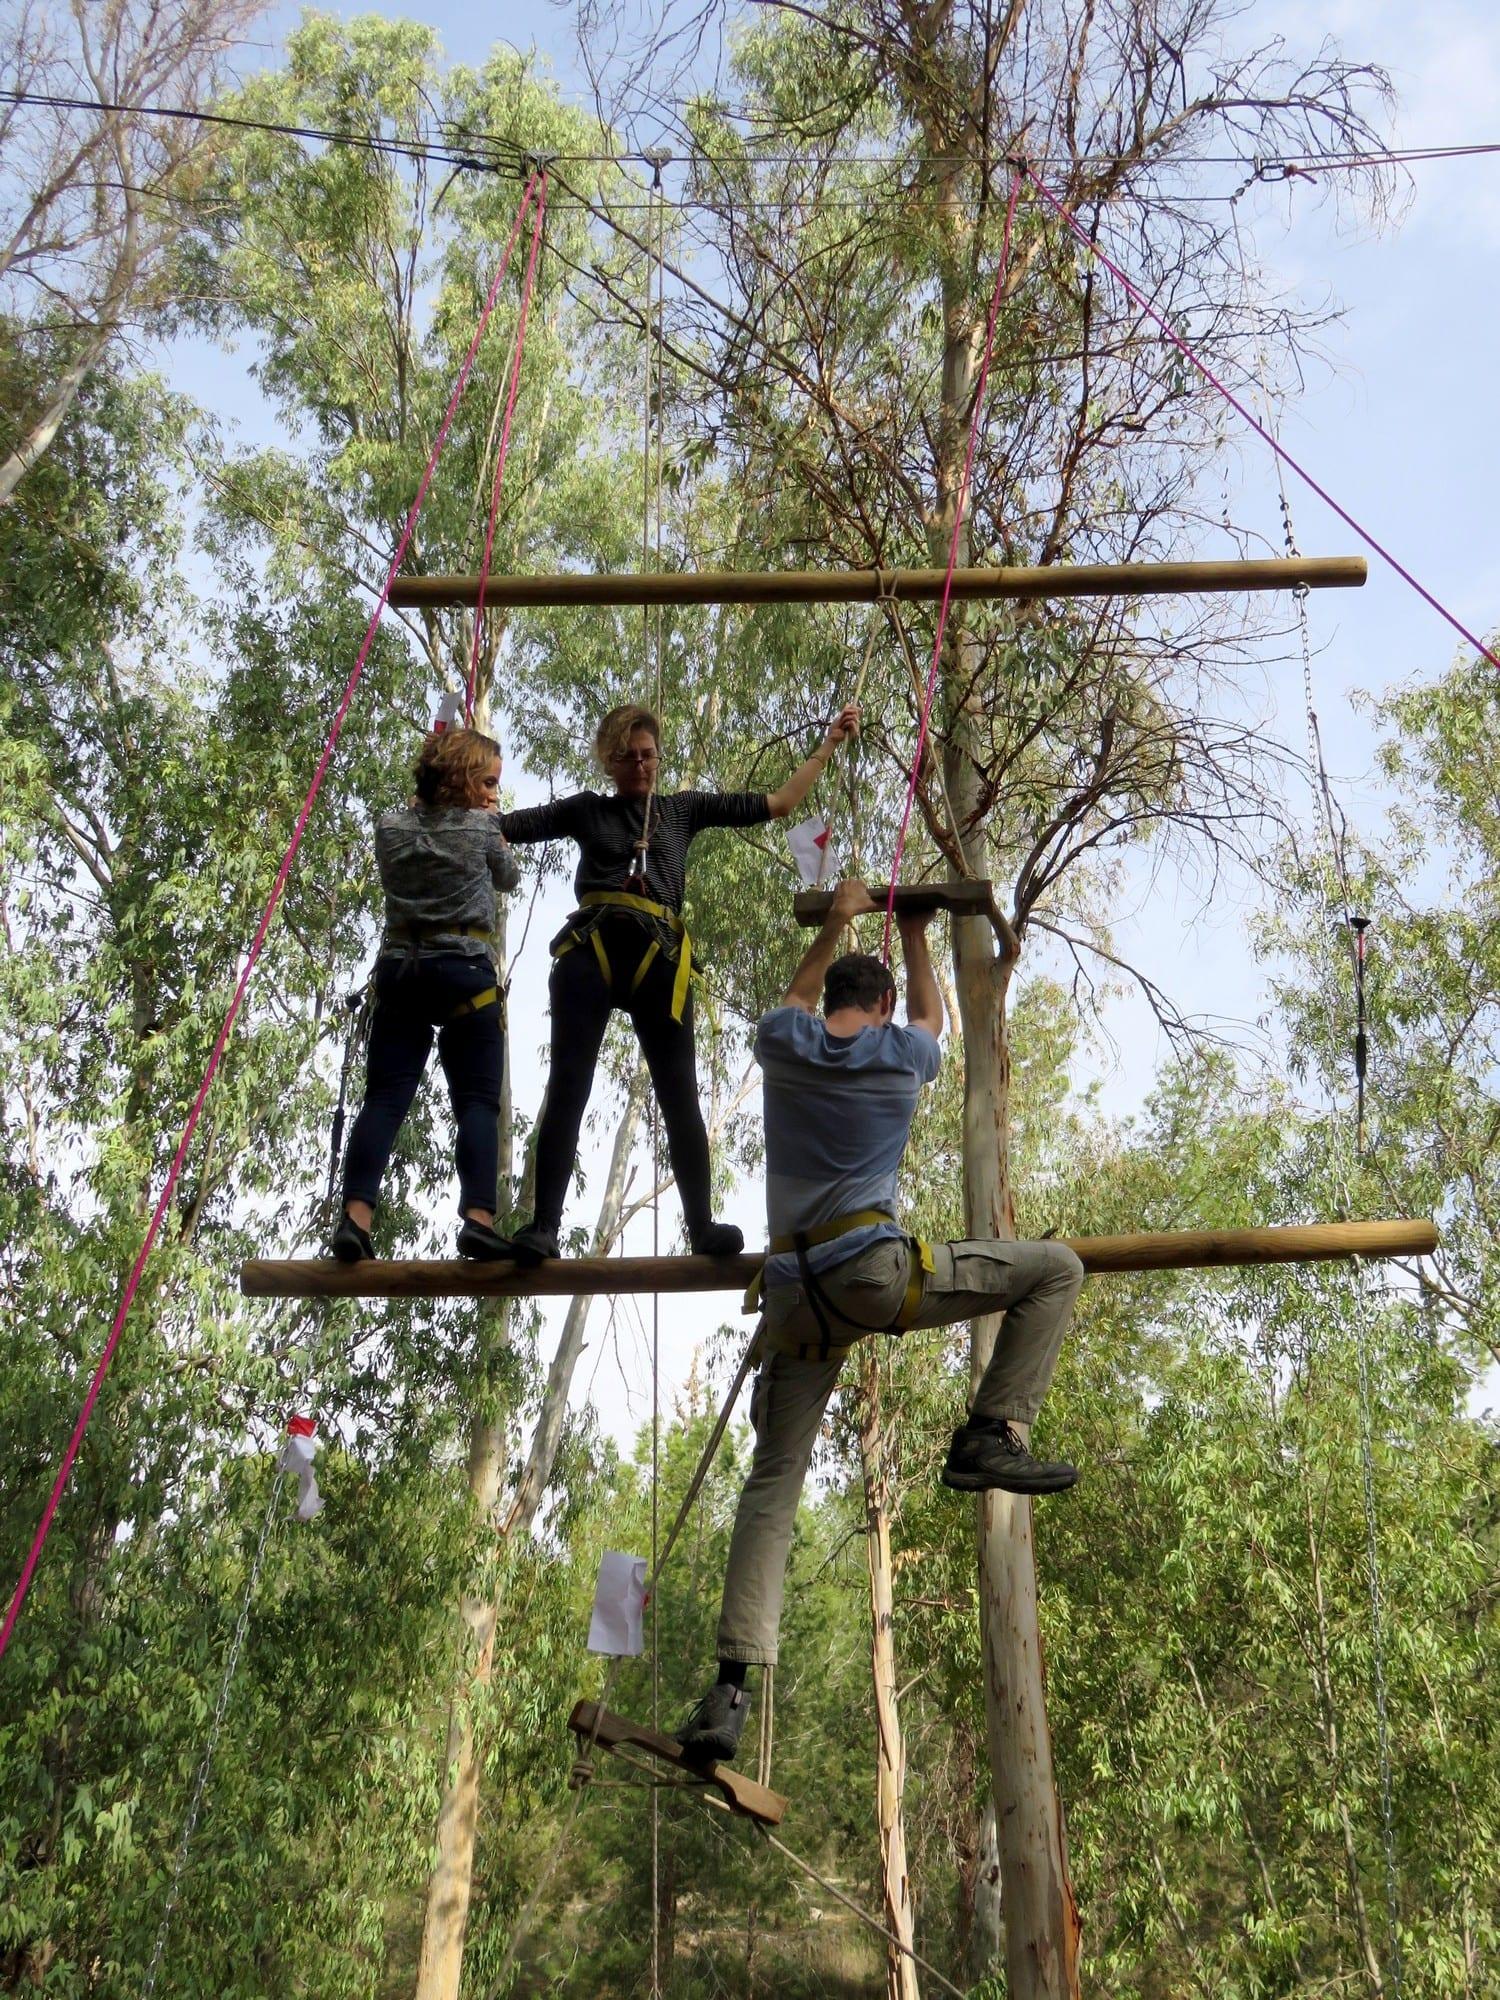 סדנת מנהלים - טיפוס סולם - ערוצים בטבע